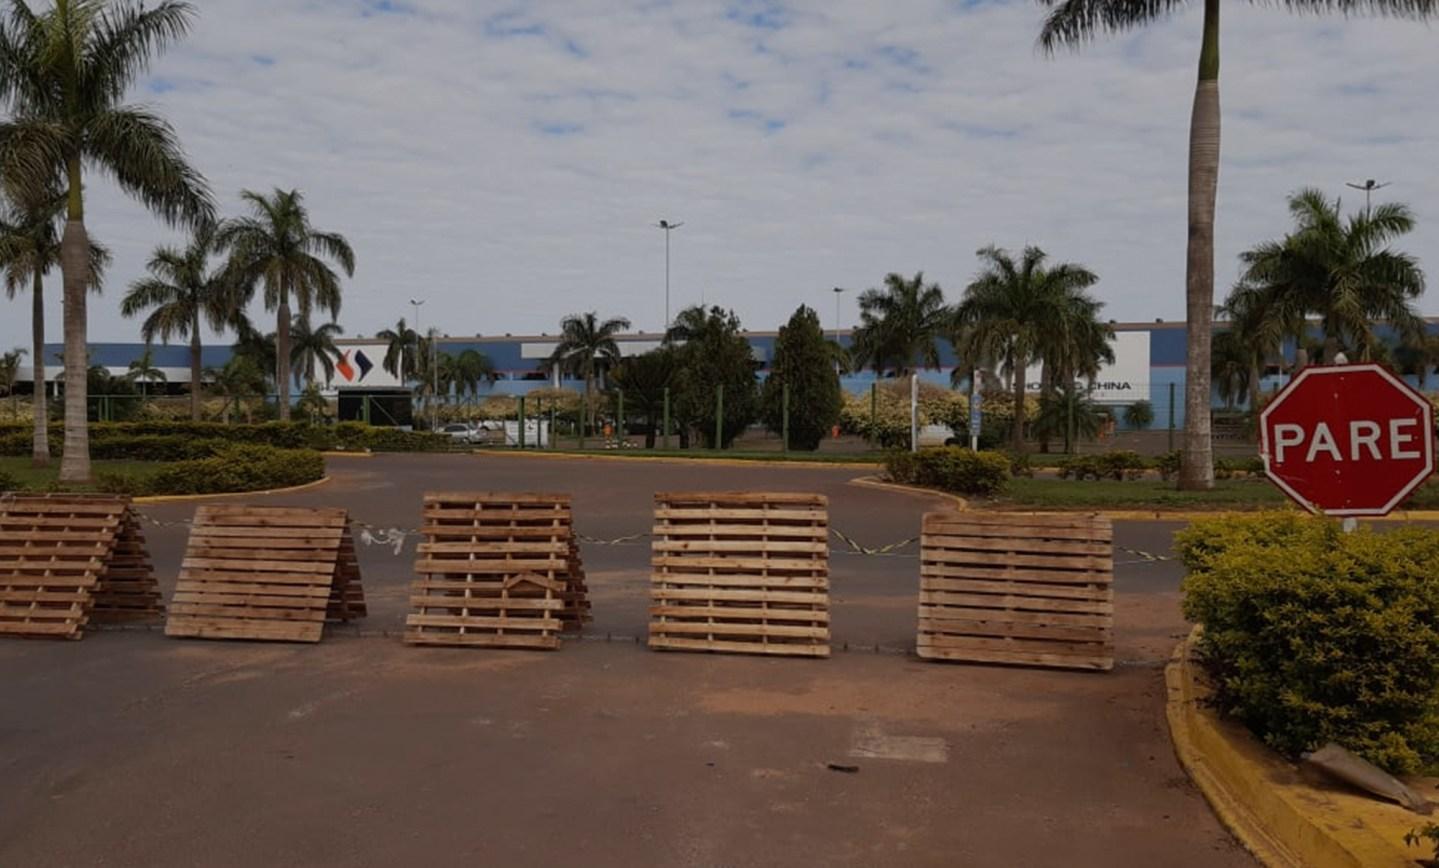 Uma loja de autopeças na fronteira (fechada) entre Paraguai e Brasil